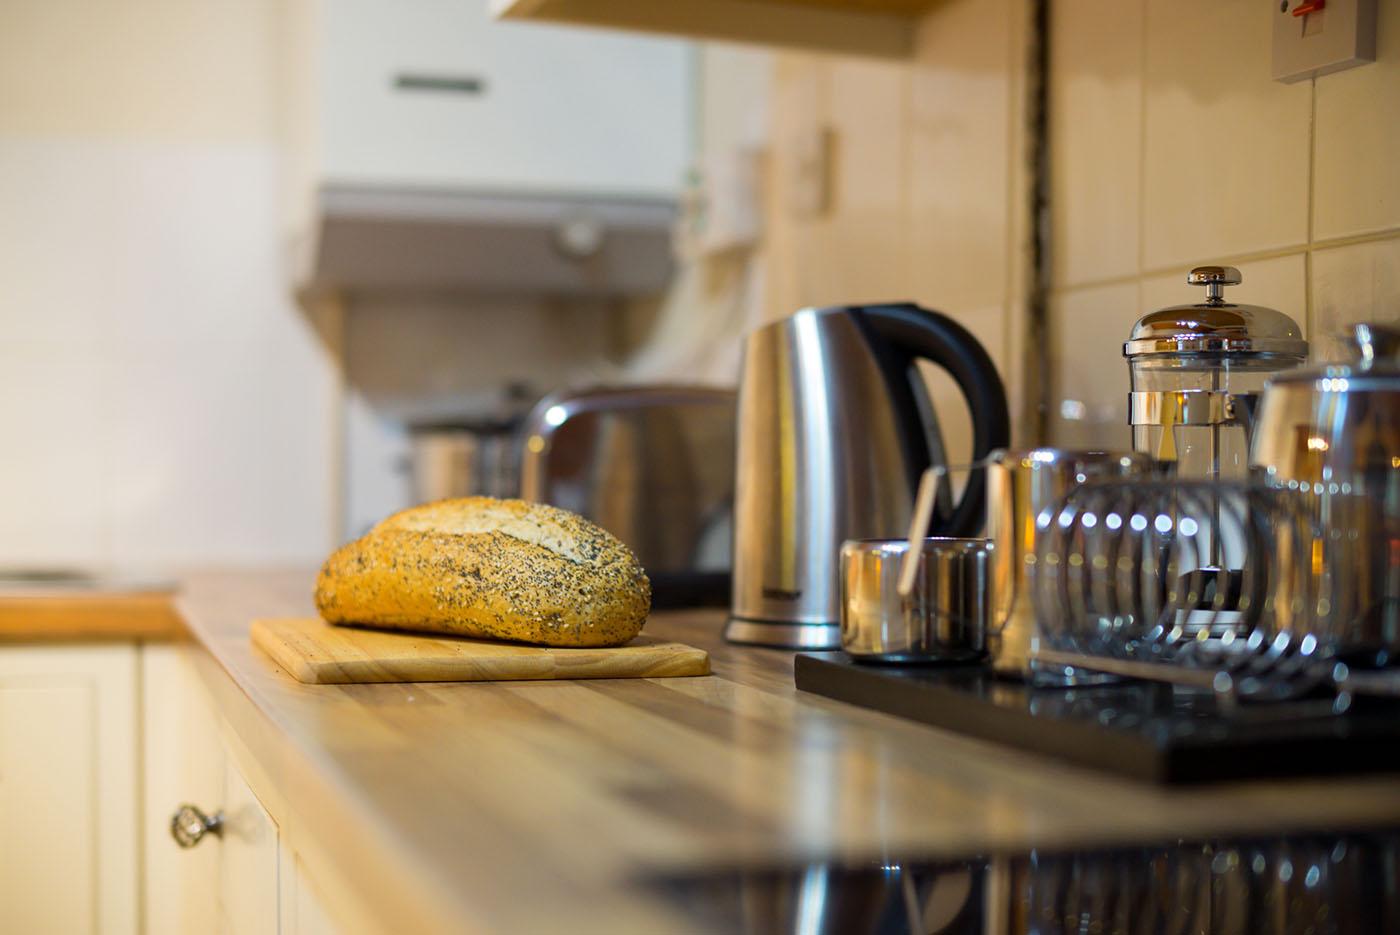 Granary breadboard